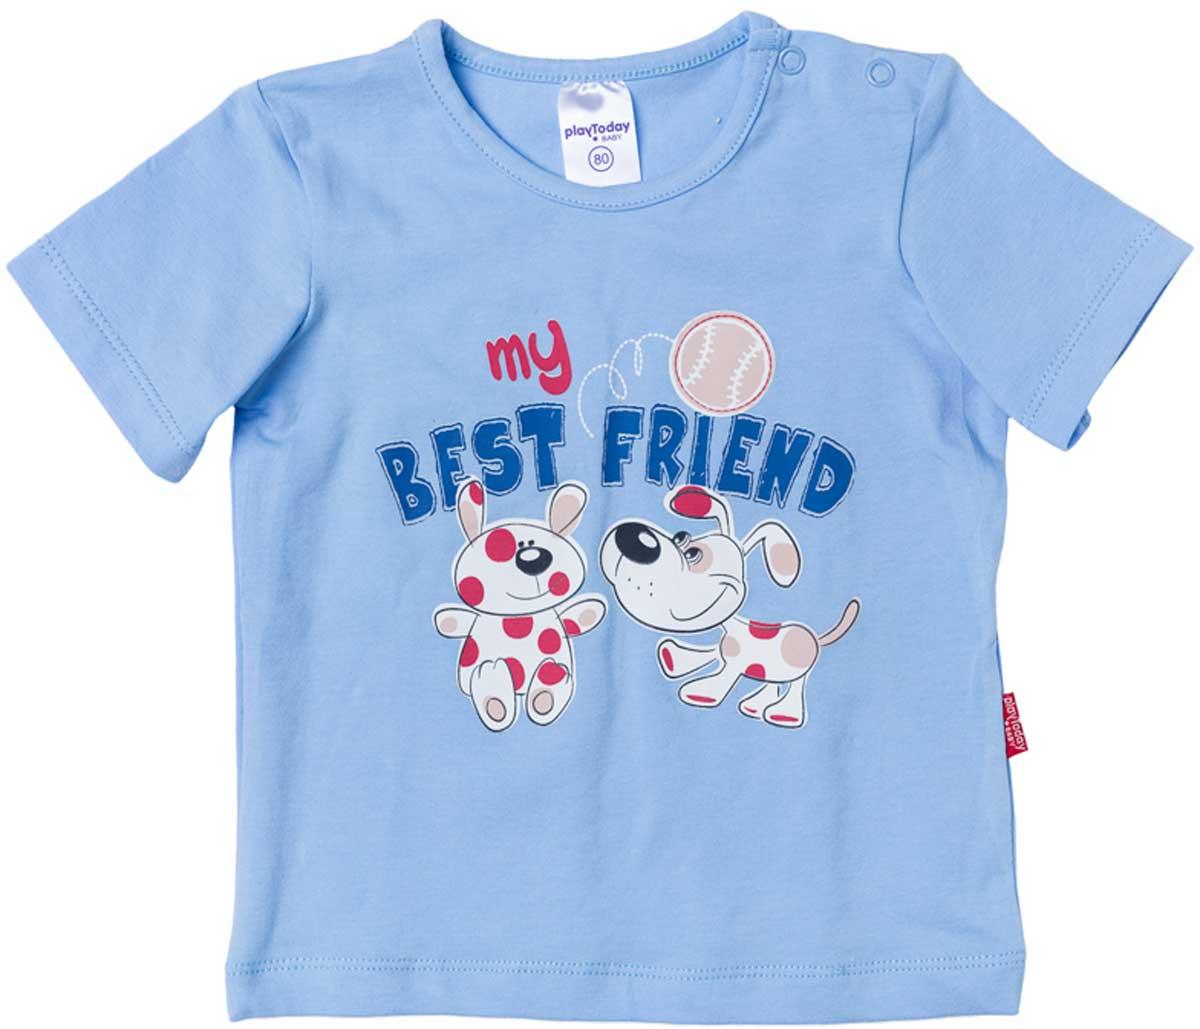 Футболка для мальчика PlayToday, цвет: голубой. 177024. Размер 74177024Футболка для мальчика PlayToday выполнена из эластичного хлопка. Модель с круглым вырезом горловины и короткими рукавами оформлена оригинальным принтом.